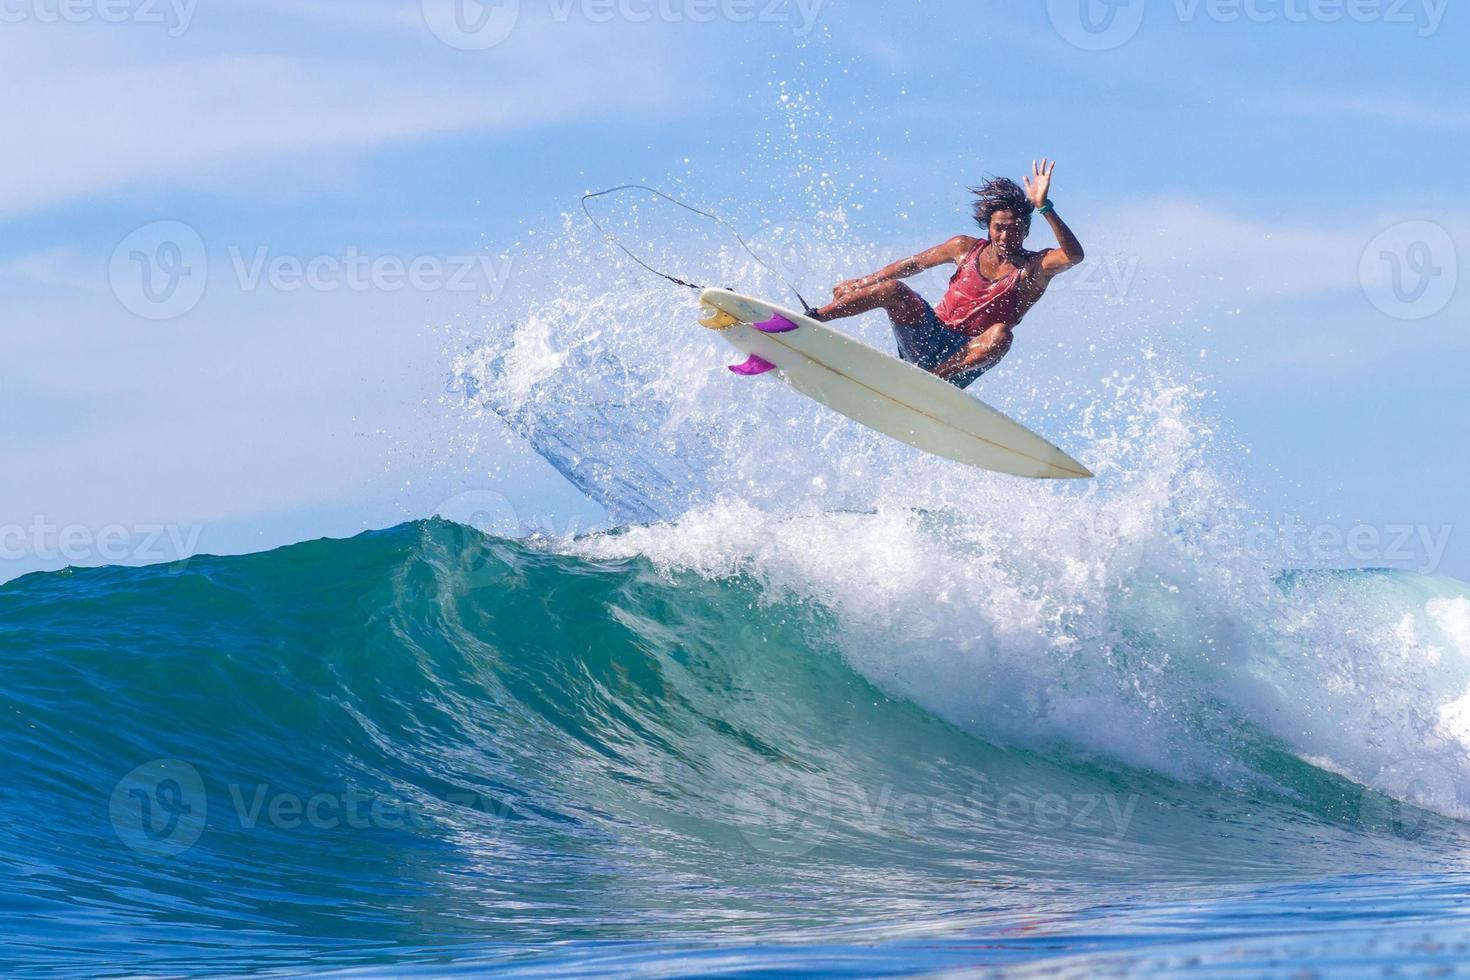 surfeando una ola. isla de Bali. Indonesia. foto